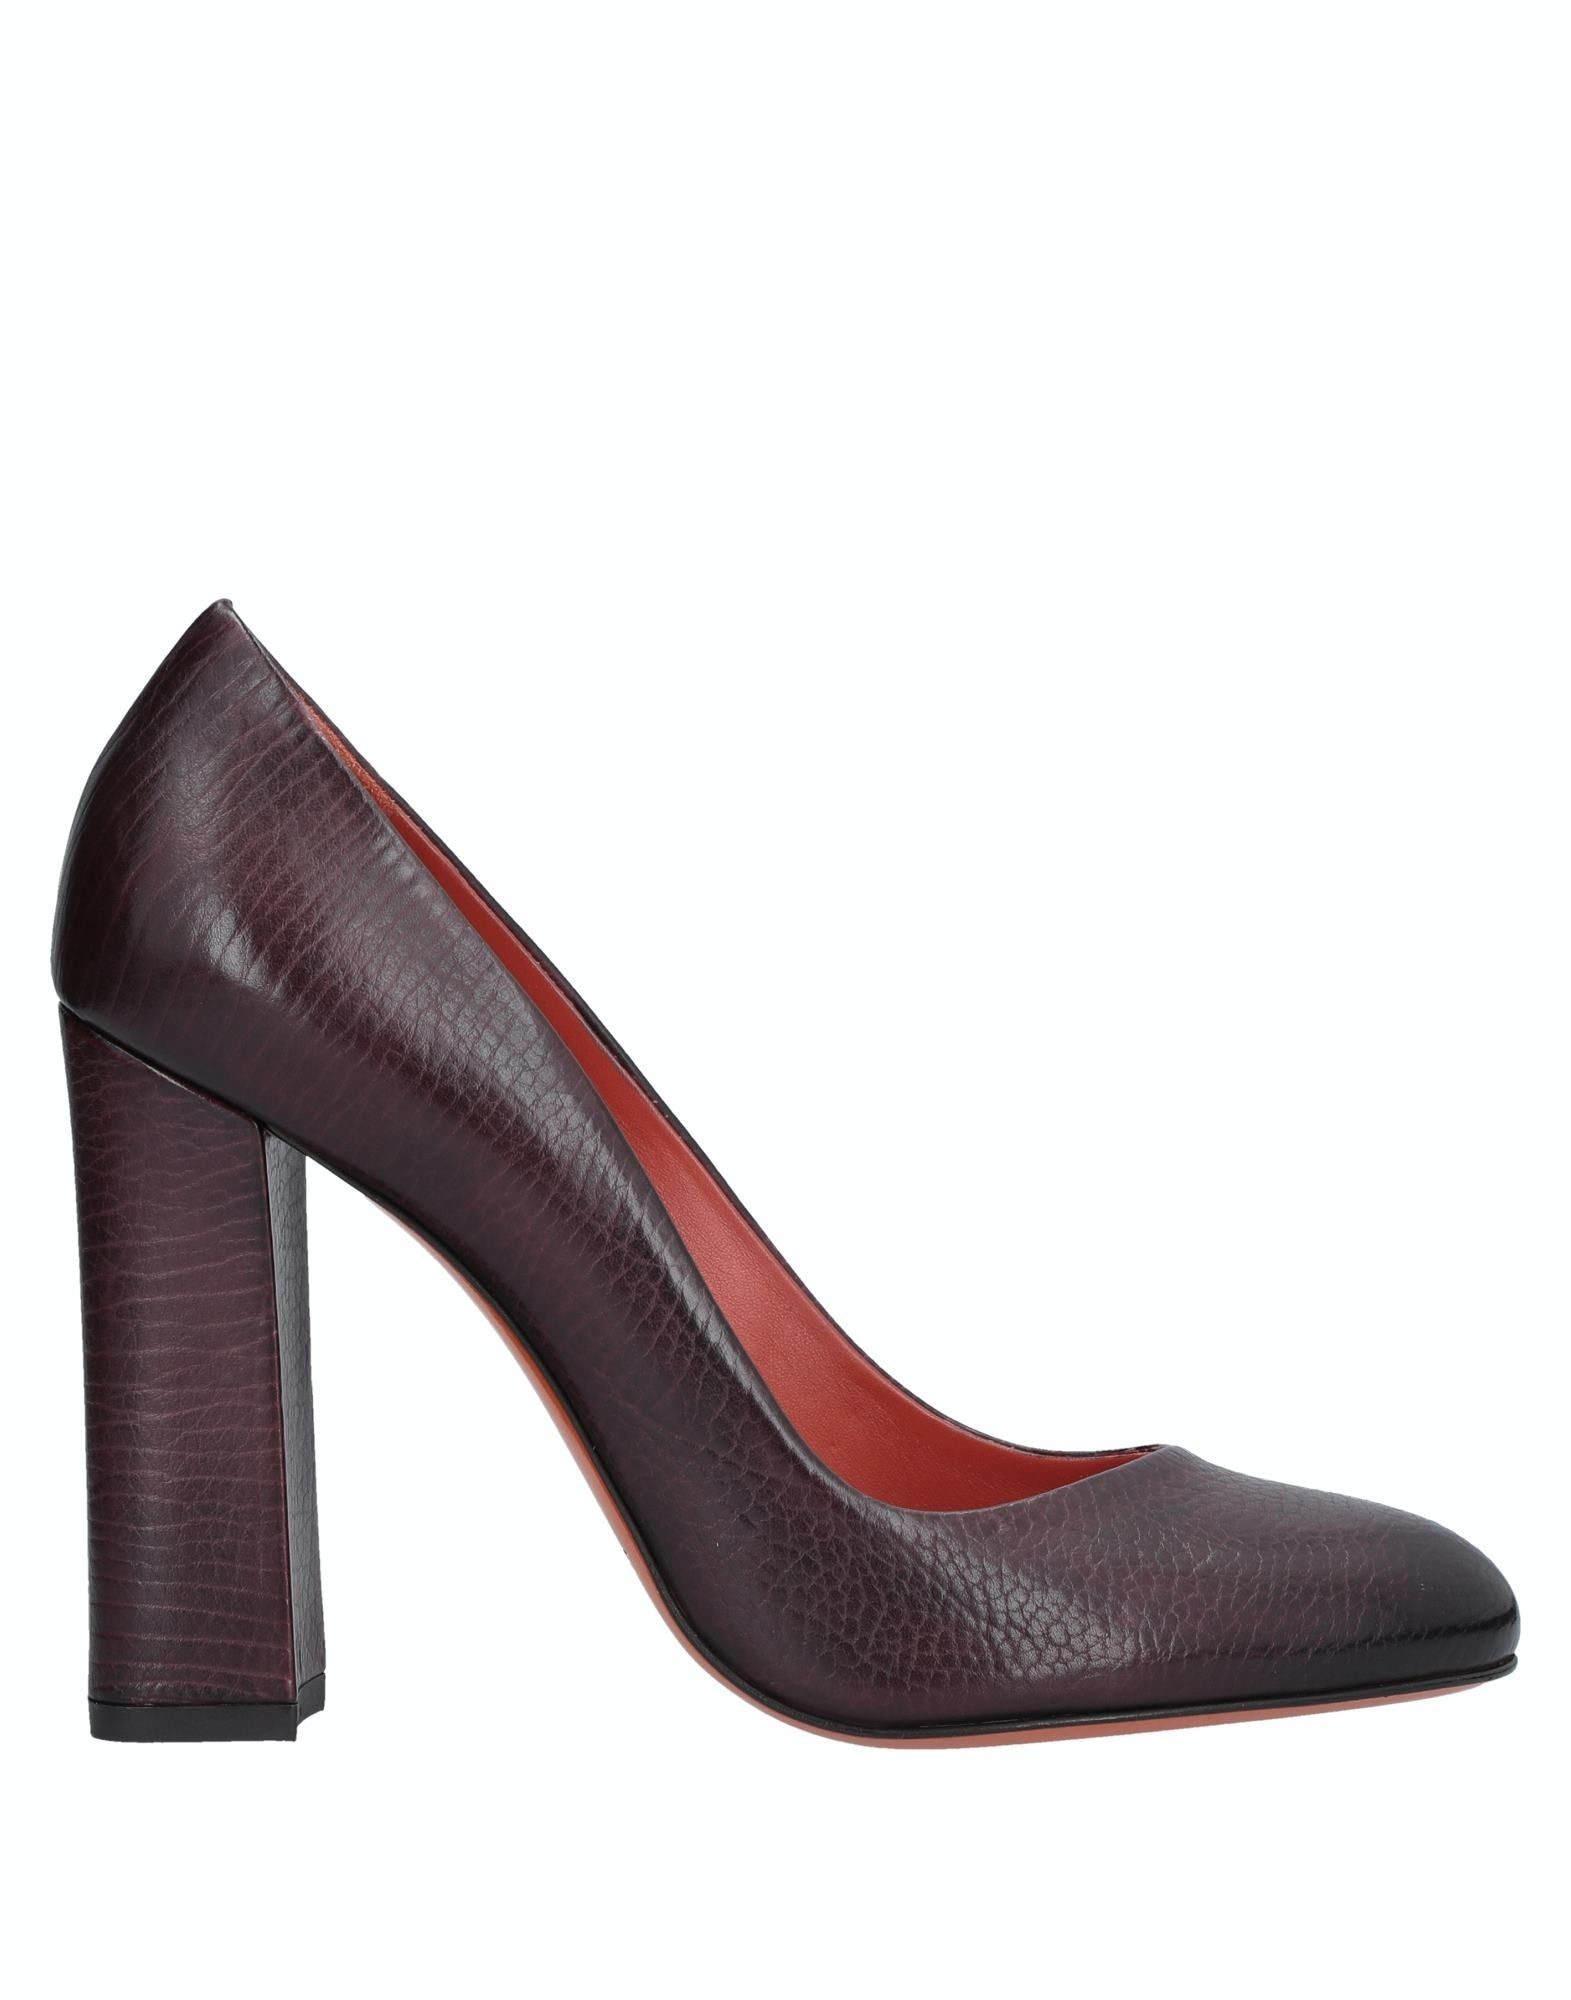 Rabatt Santoni Schuhe Santoni Rabatt Pumps Damen  11537021RX 67a867